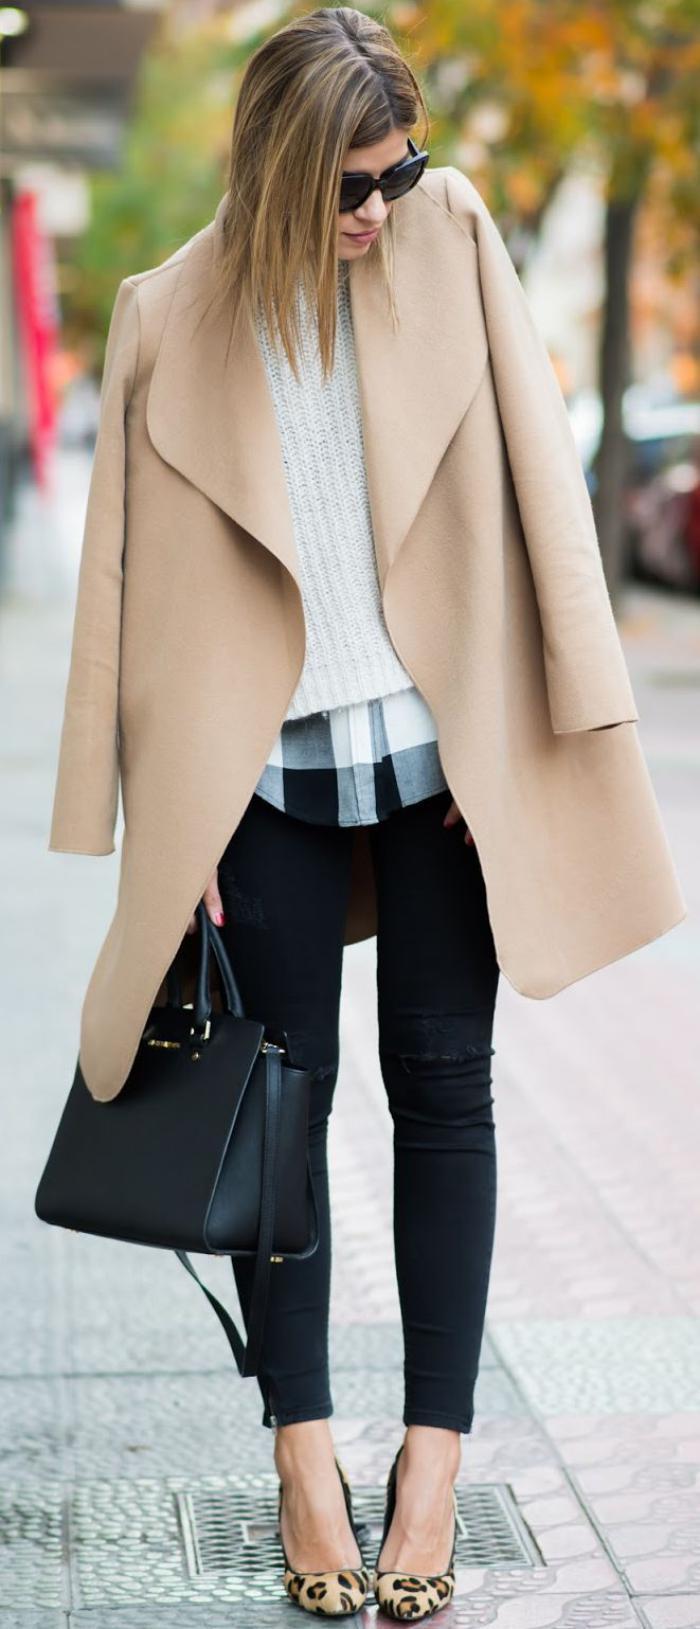 extarvaganter-Outfit-wintermantel-Karamell-Farbe-schönes-Modell-kariertes-Hemd-weißer-Pullover-schöne-Schuhe-mit-Tier-Print